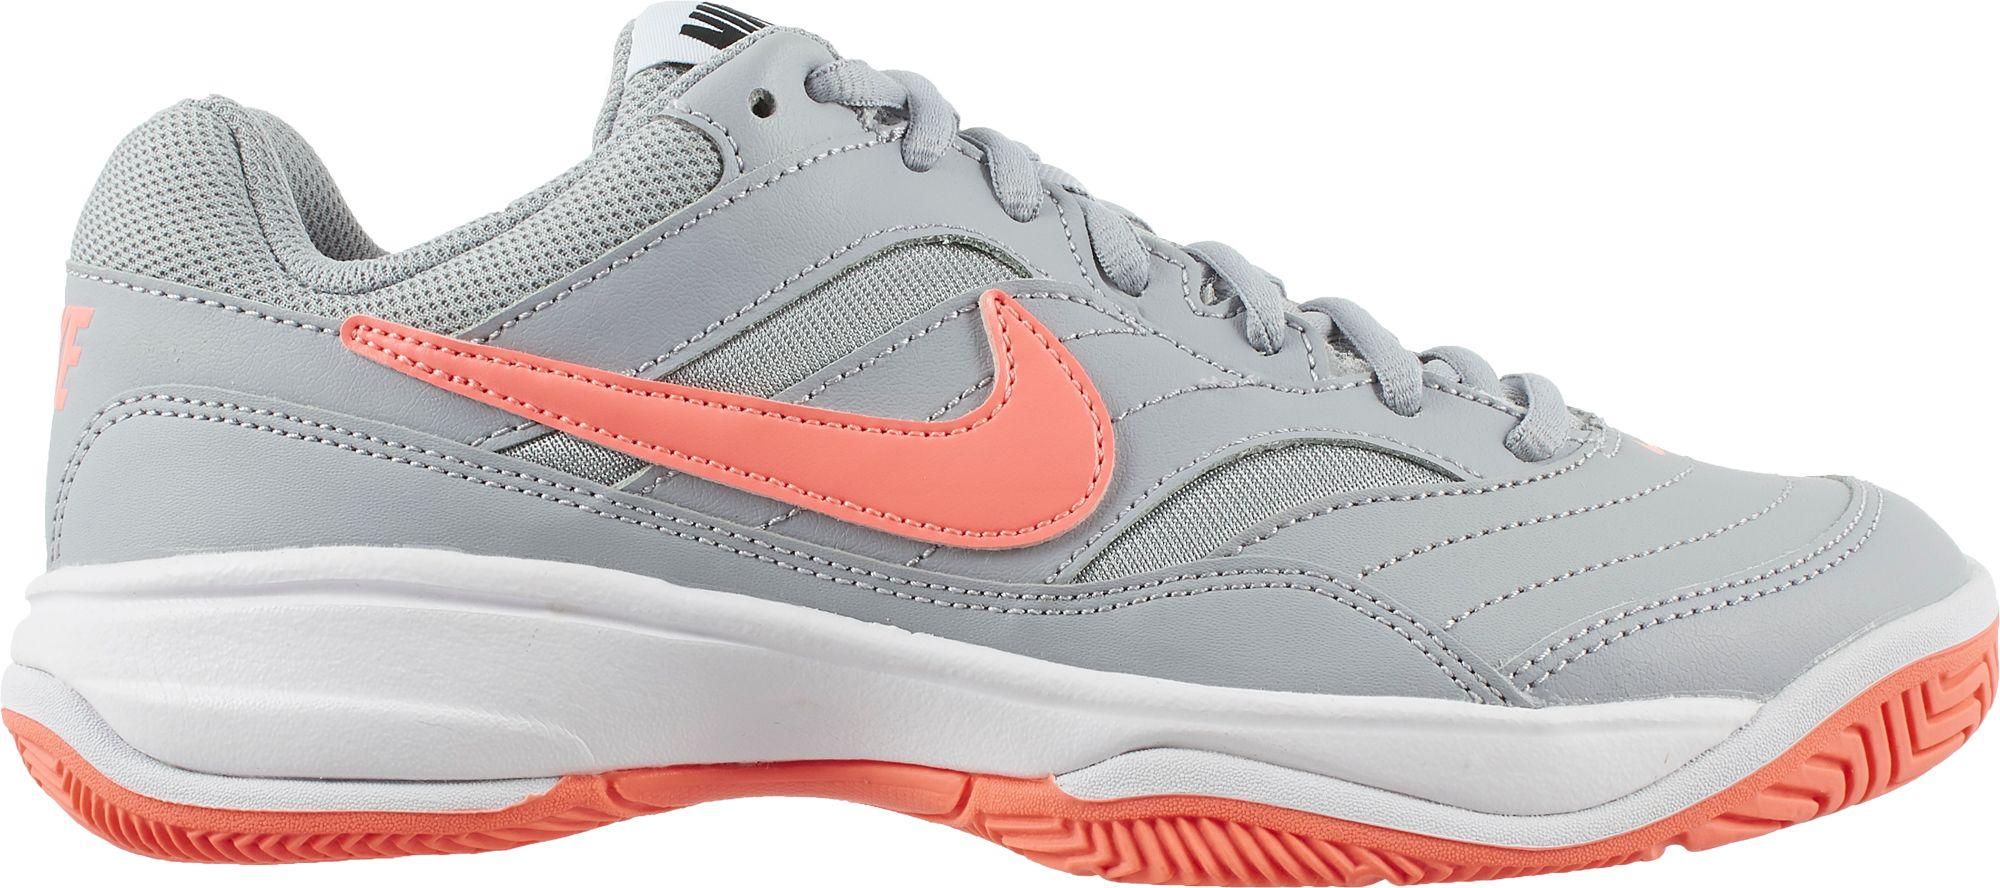 nike womenu0027s court lite tennis shoes | dicku0027s sporting goods KBLATCX